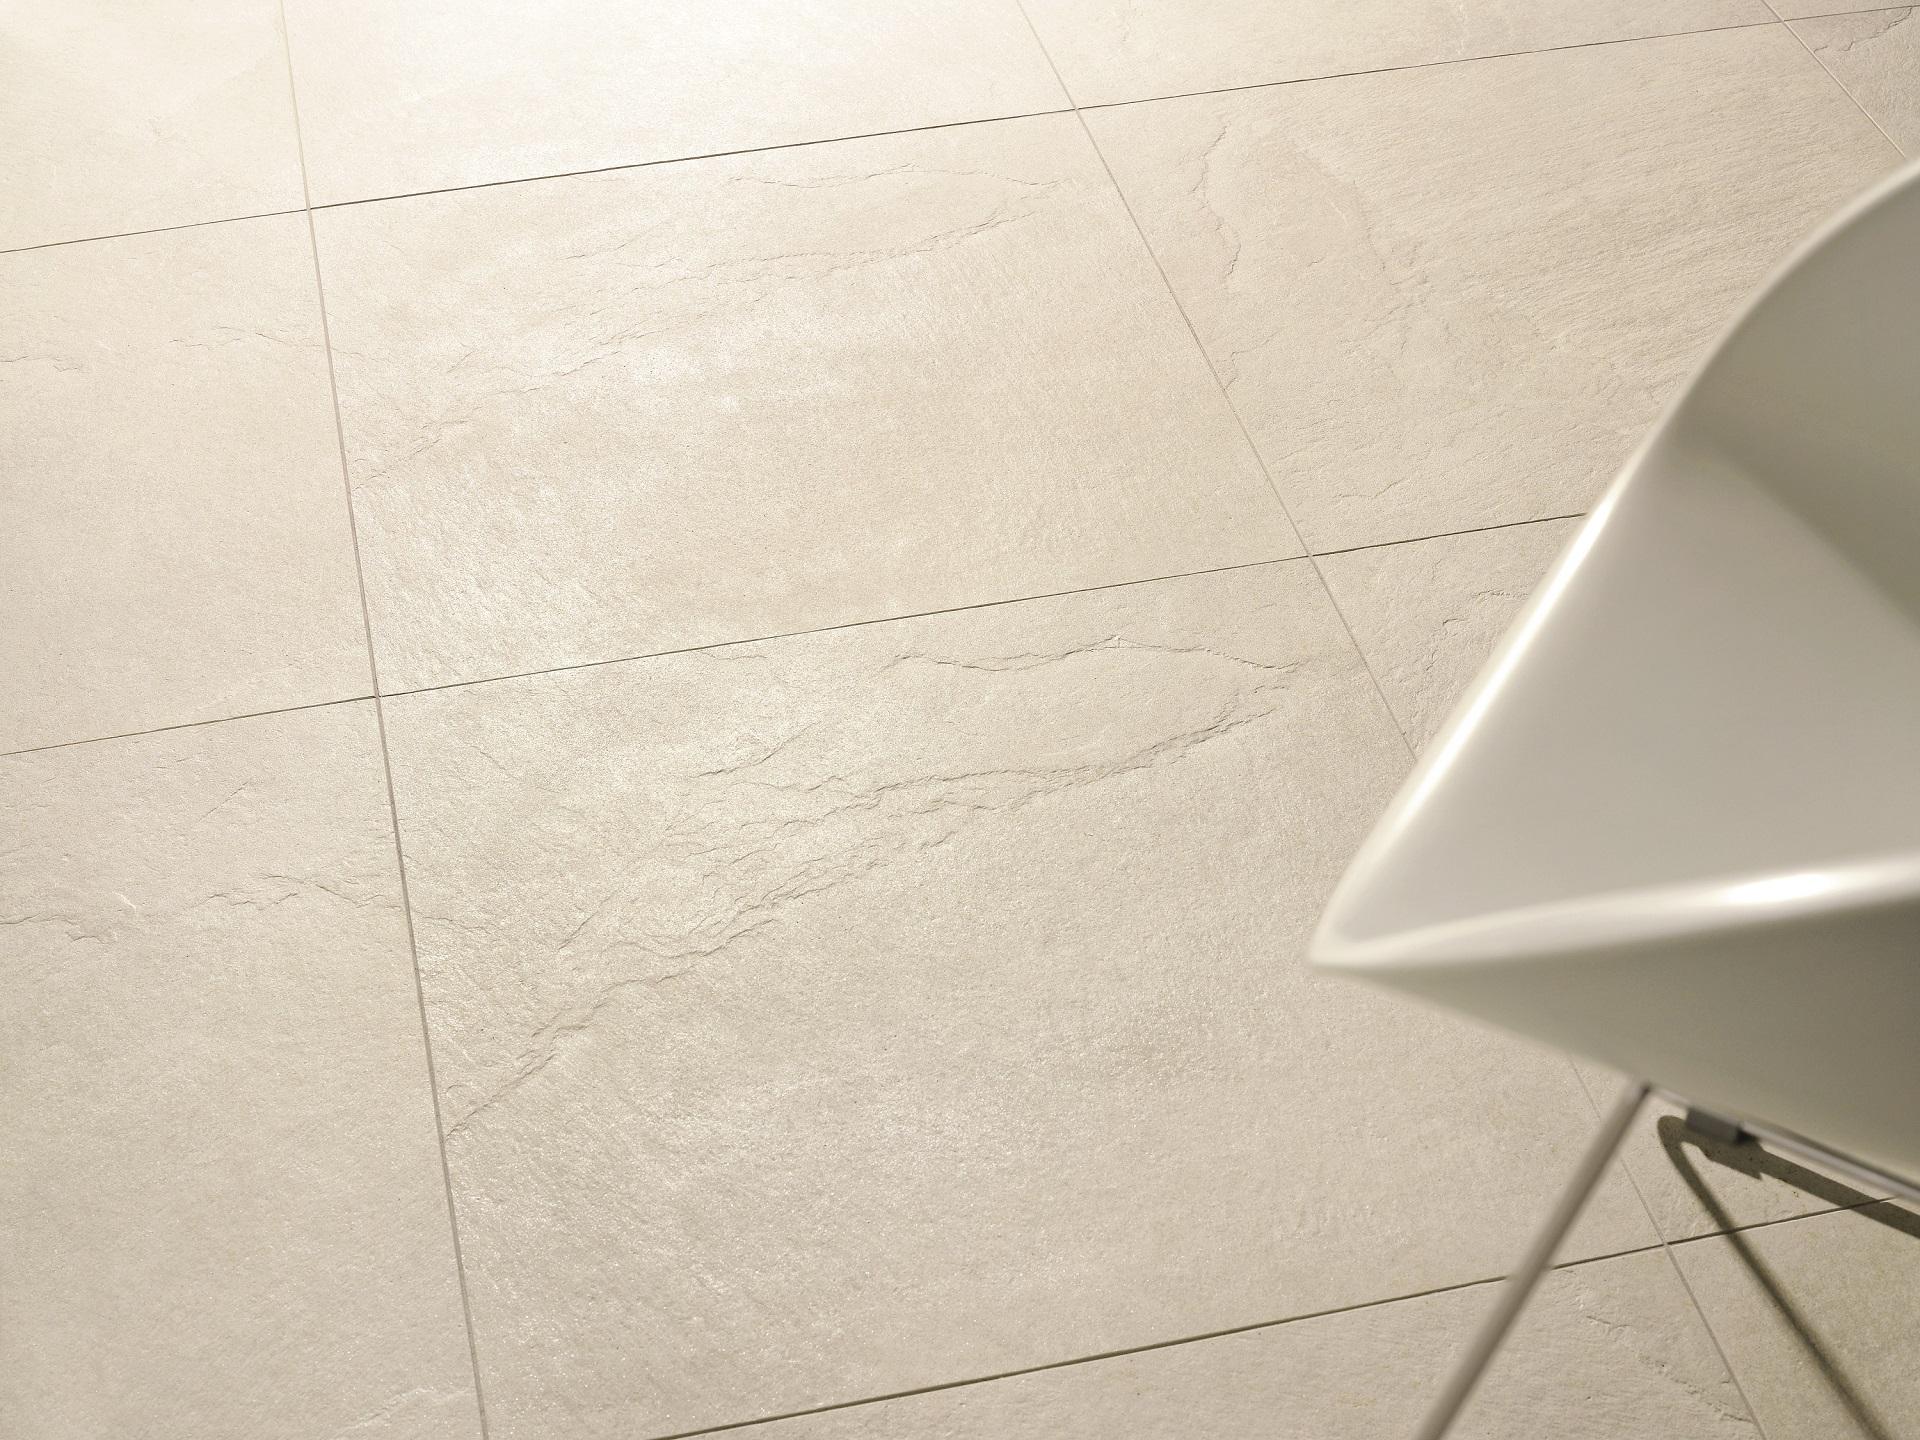 Điều quan trọng nhất là dòng sản phẩm gạch ốp lát cao cấp vân đá Absolute được chứng nhận hoàn toàn thân thiện với môi trường và đảm bảo an toàn trong suốt vòng đời sản phẩm.